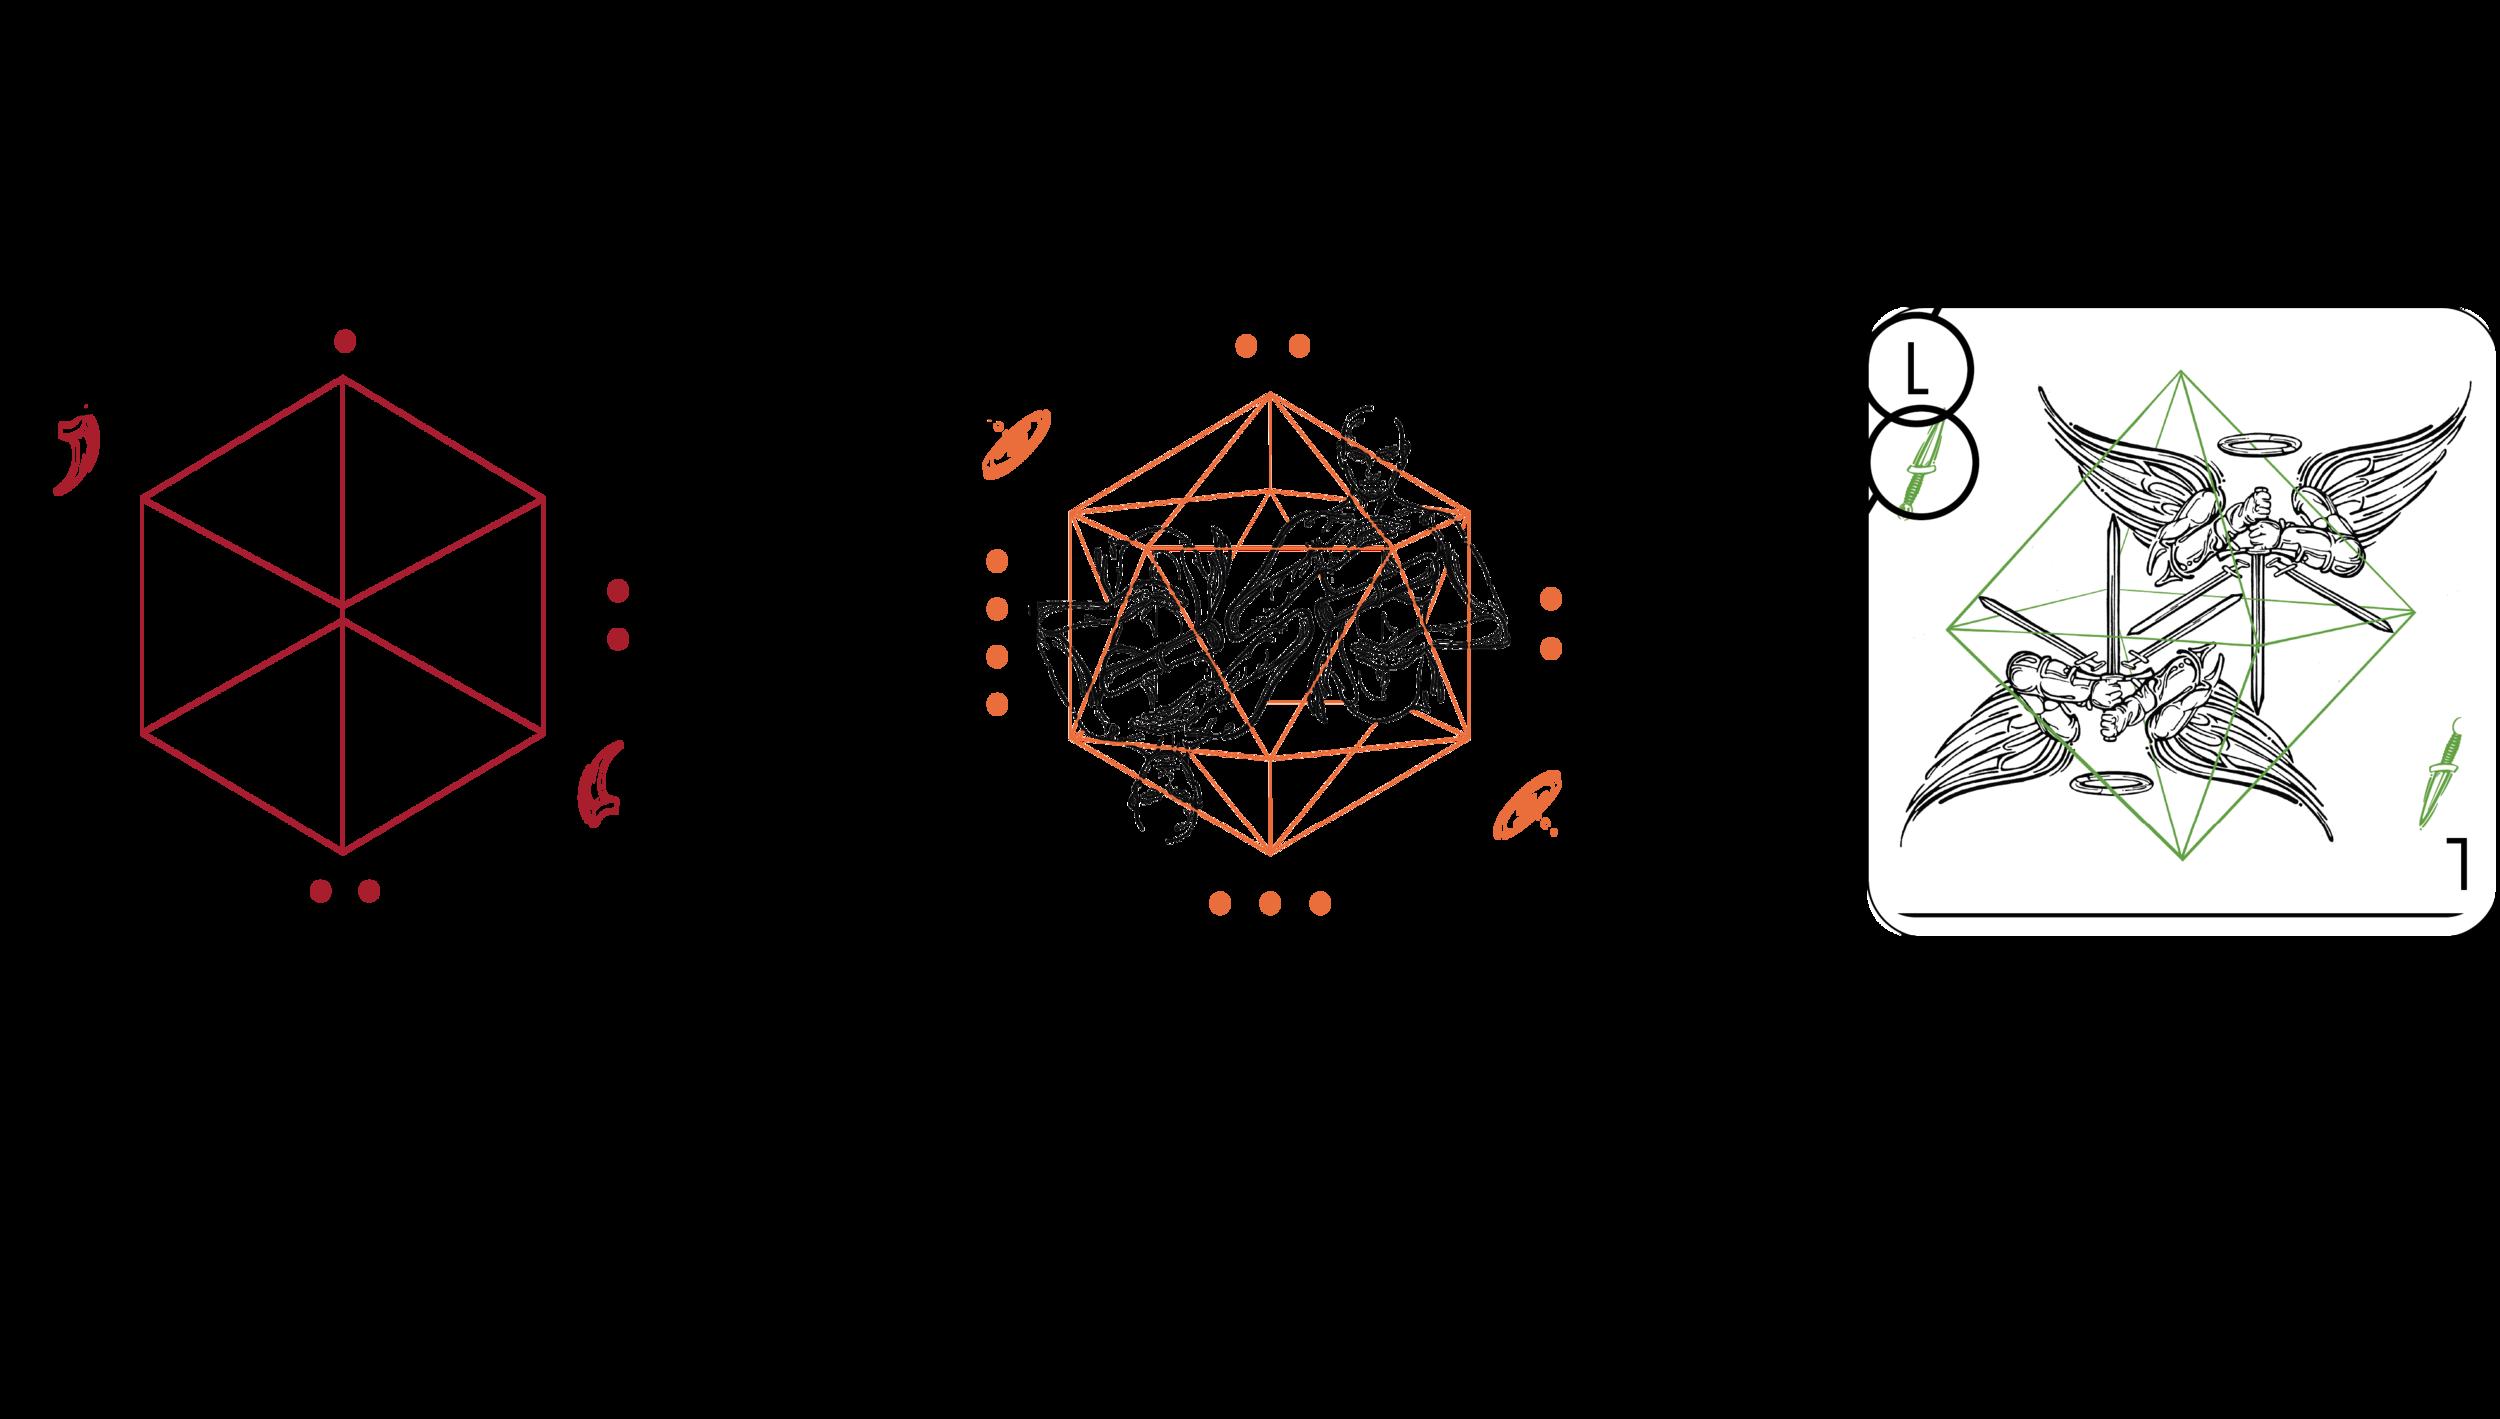 Fig. 1.3: Card Anatomy